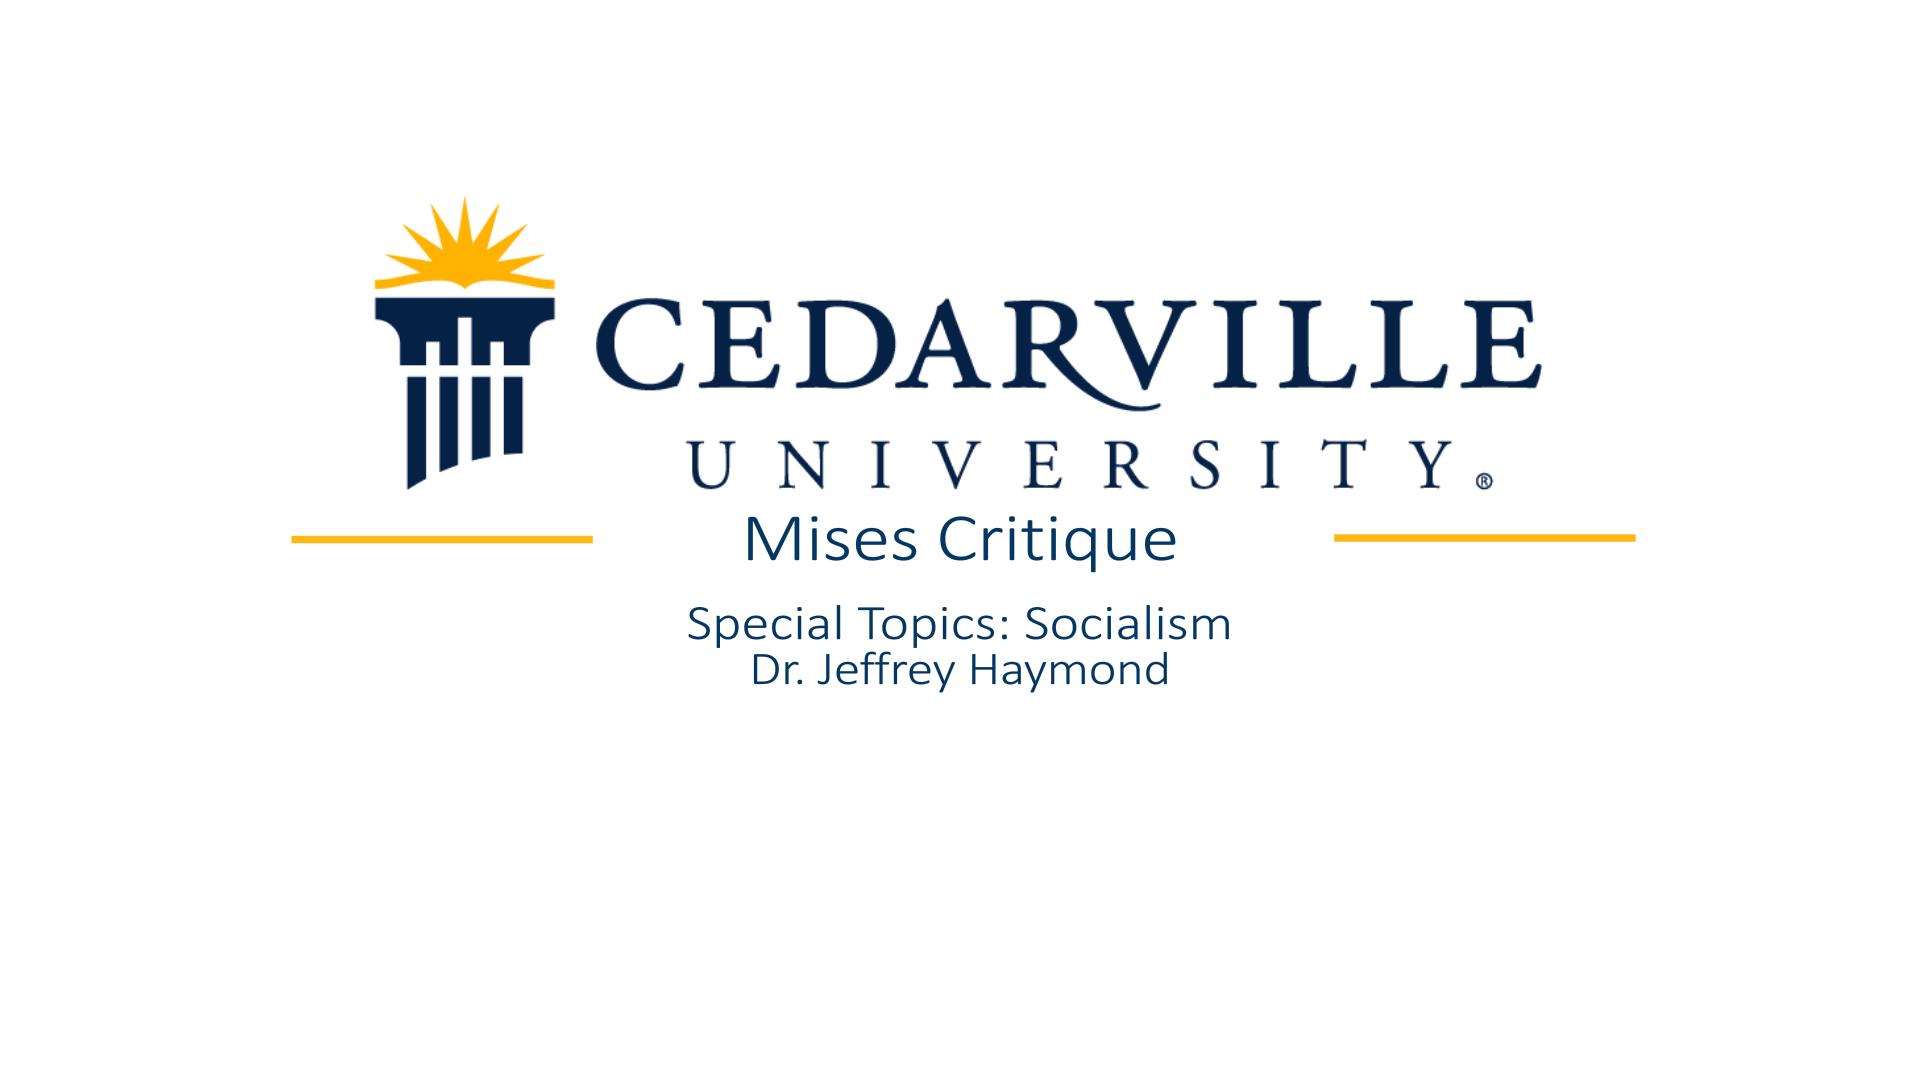 View thumbnail for Mises Critique